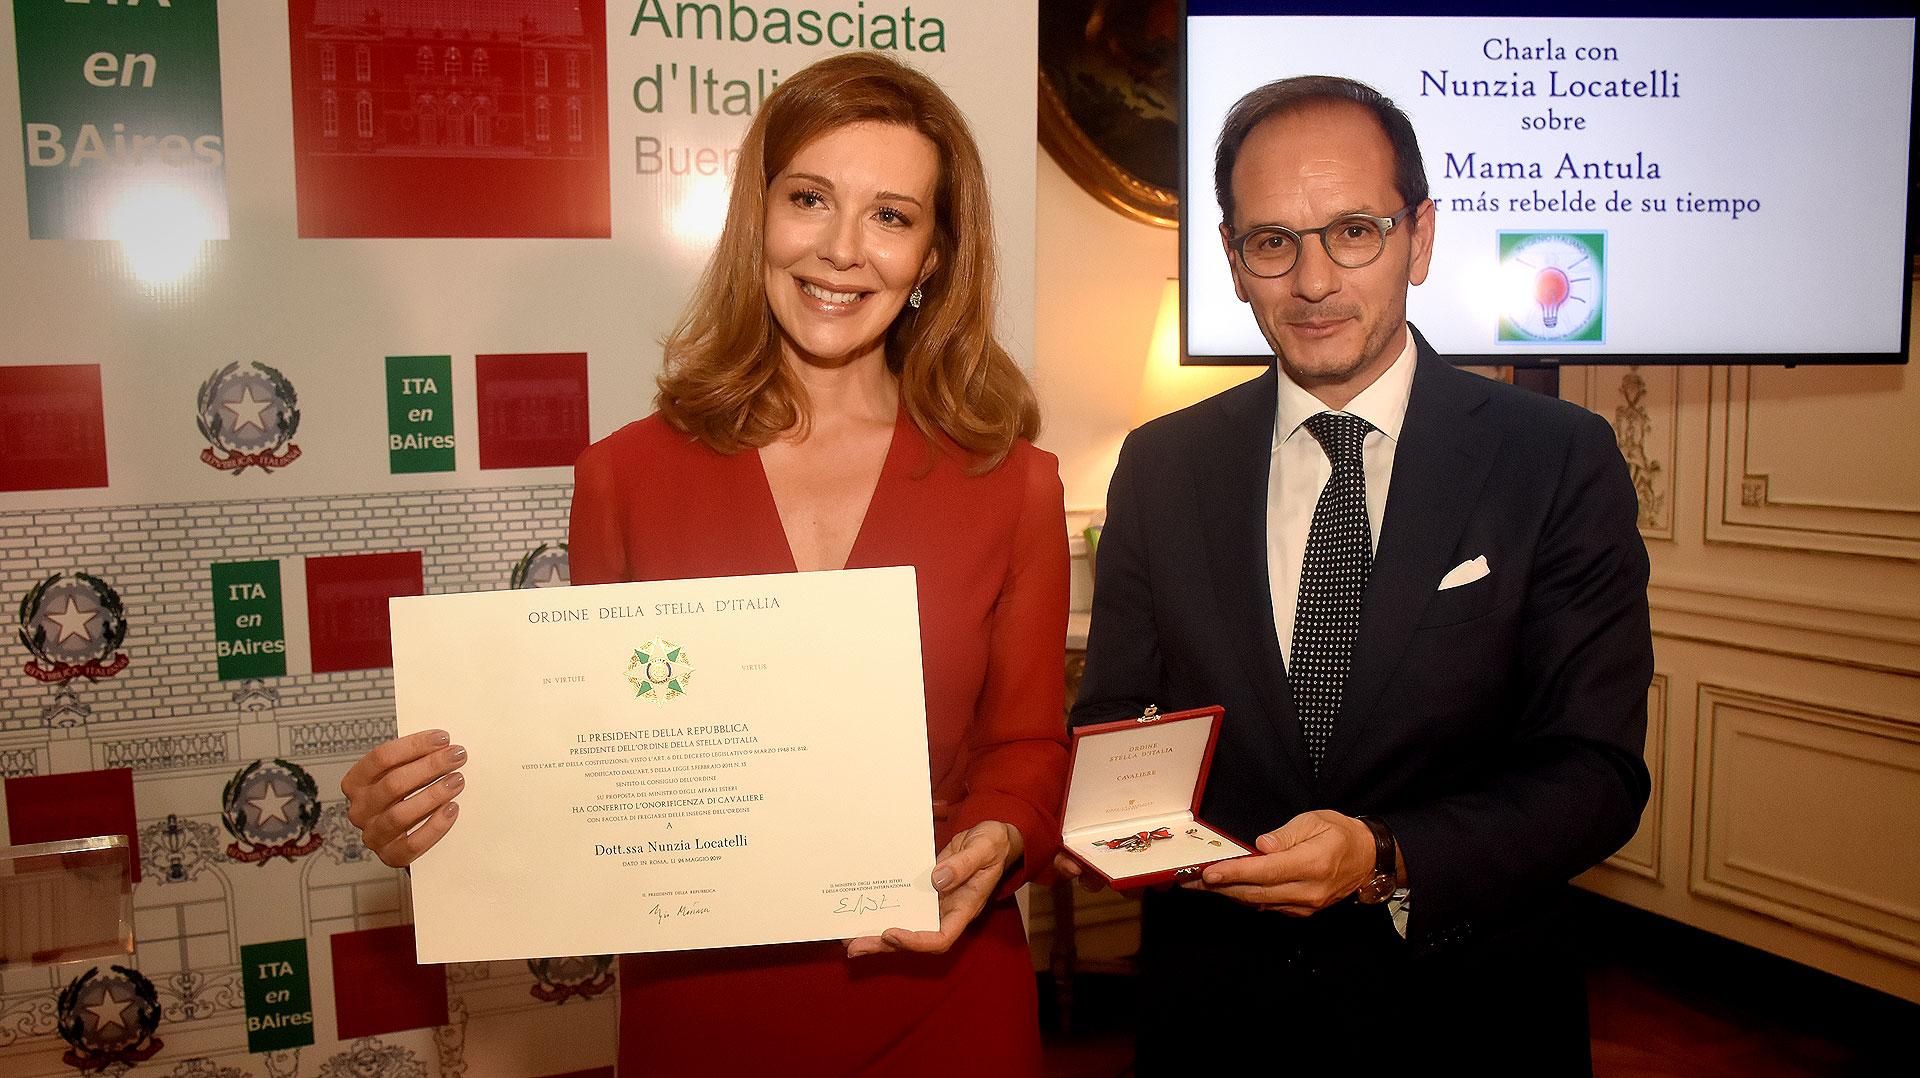 """Nunzia Locatelli fue parte del programa """"In-genio en la investigación histórica"""" y fue distinguida por su labor de investigación sobre Mama Antula con la entrega de la condecoración de """"l'Ordine della Stella d'Italia"""""""